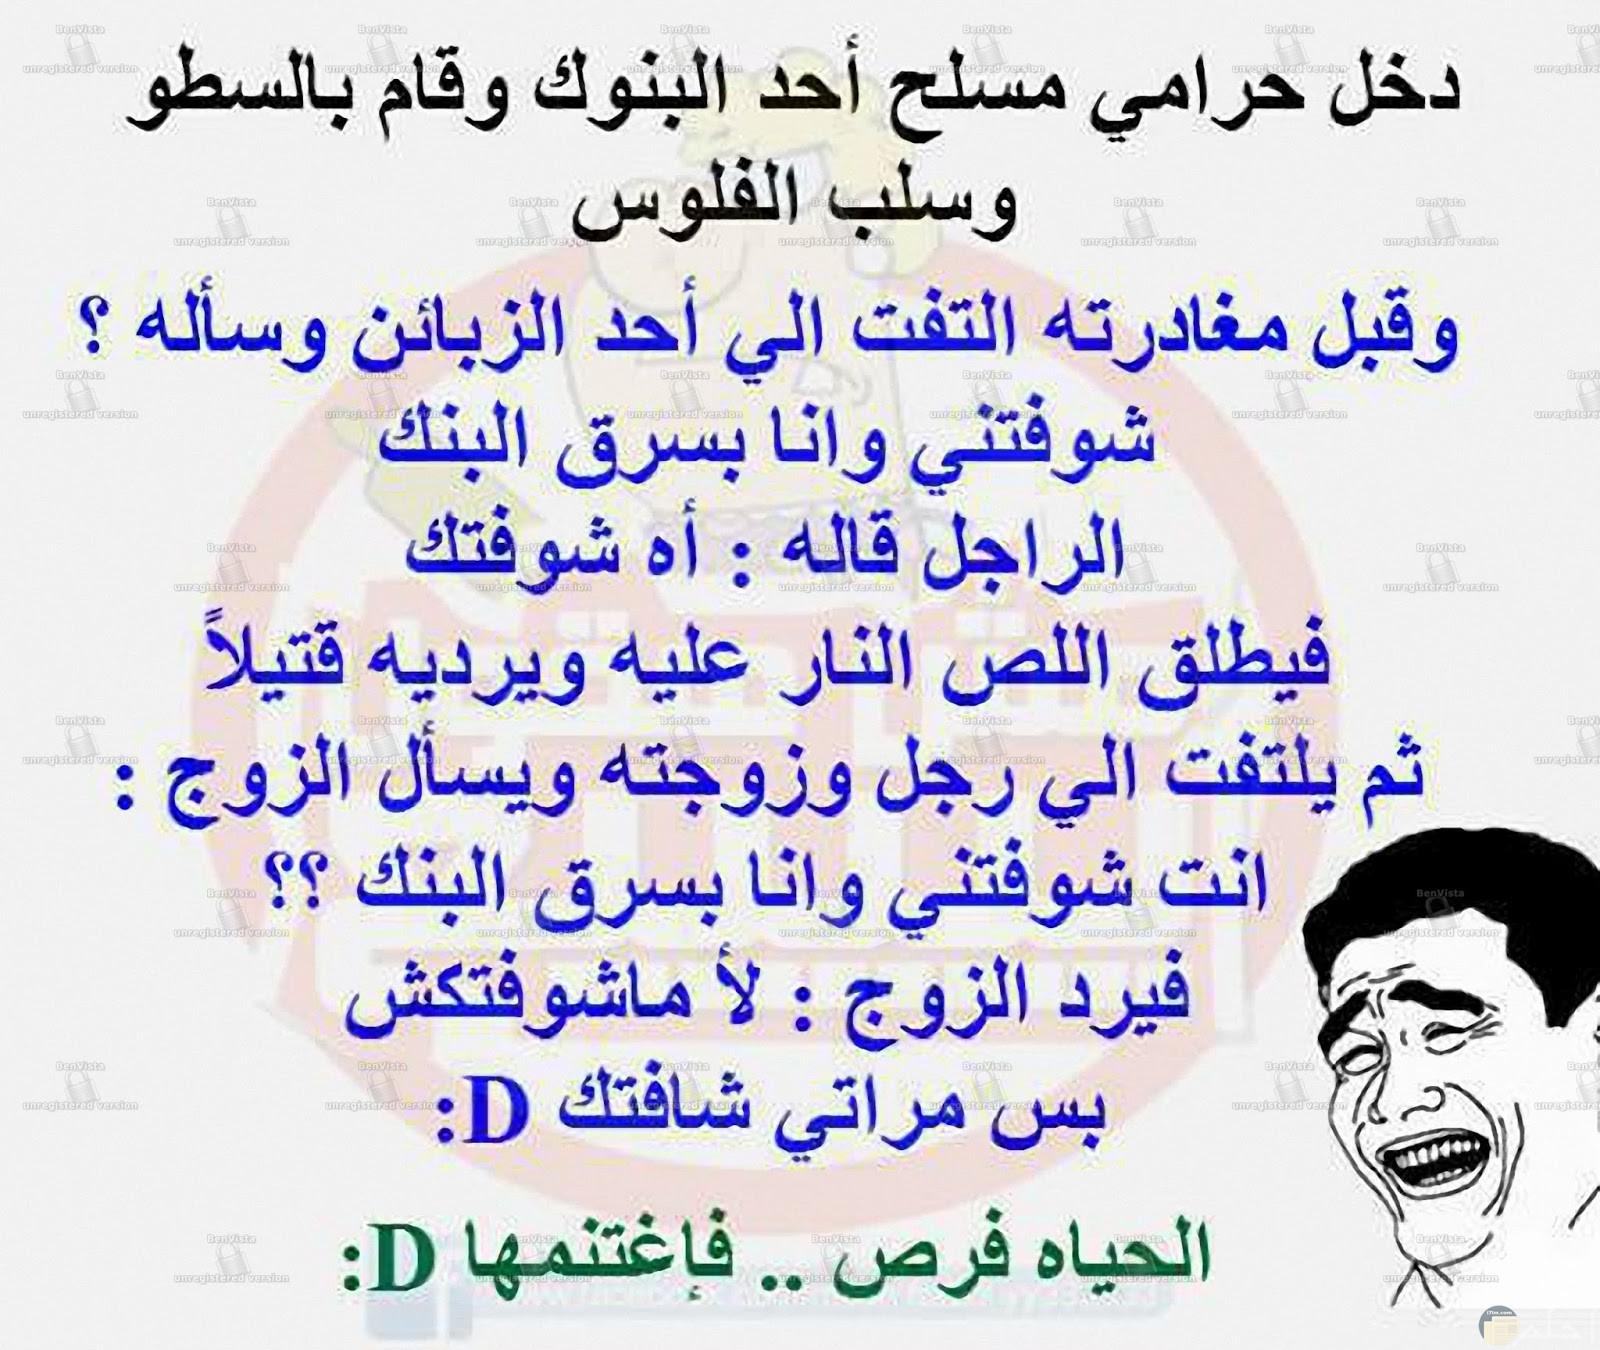 صورة نكتة لبنانيه و سرقة بنك.